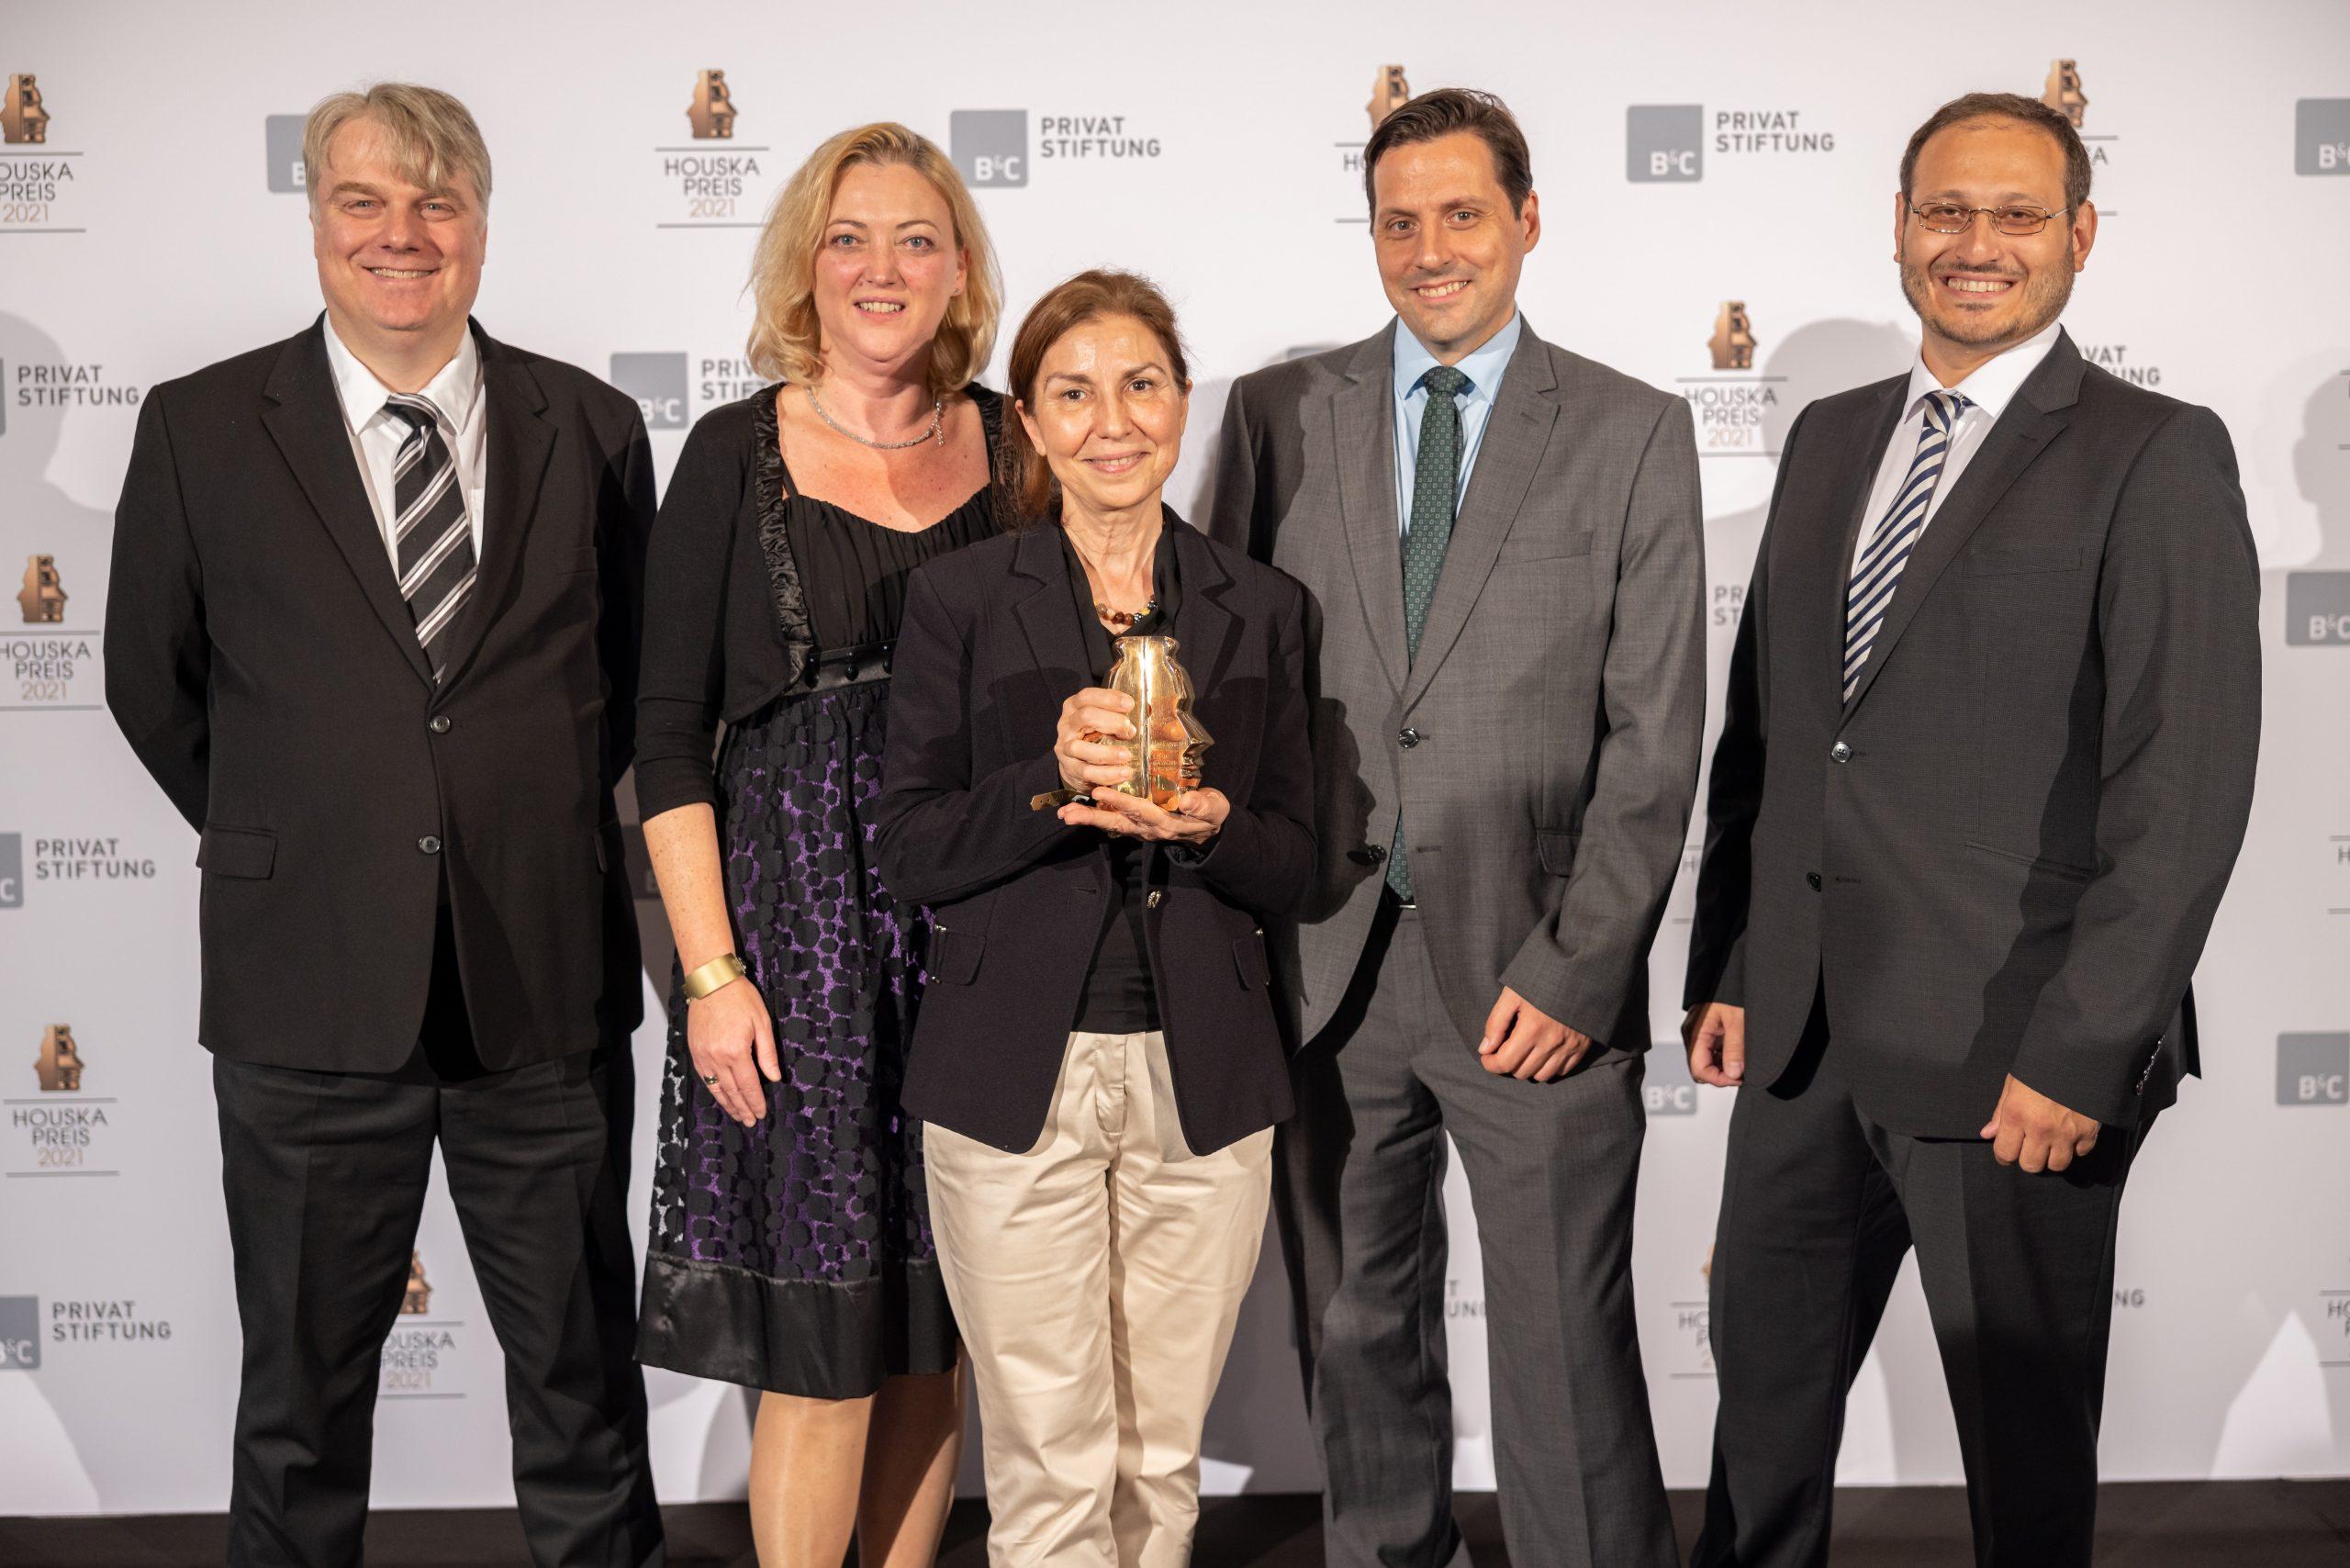 Houskapreis-Gewinnerin 2021: Golta Khatibi